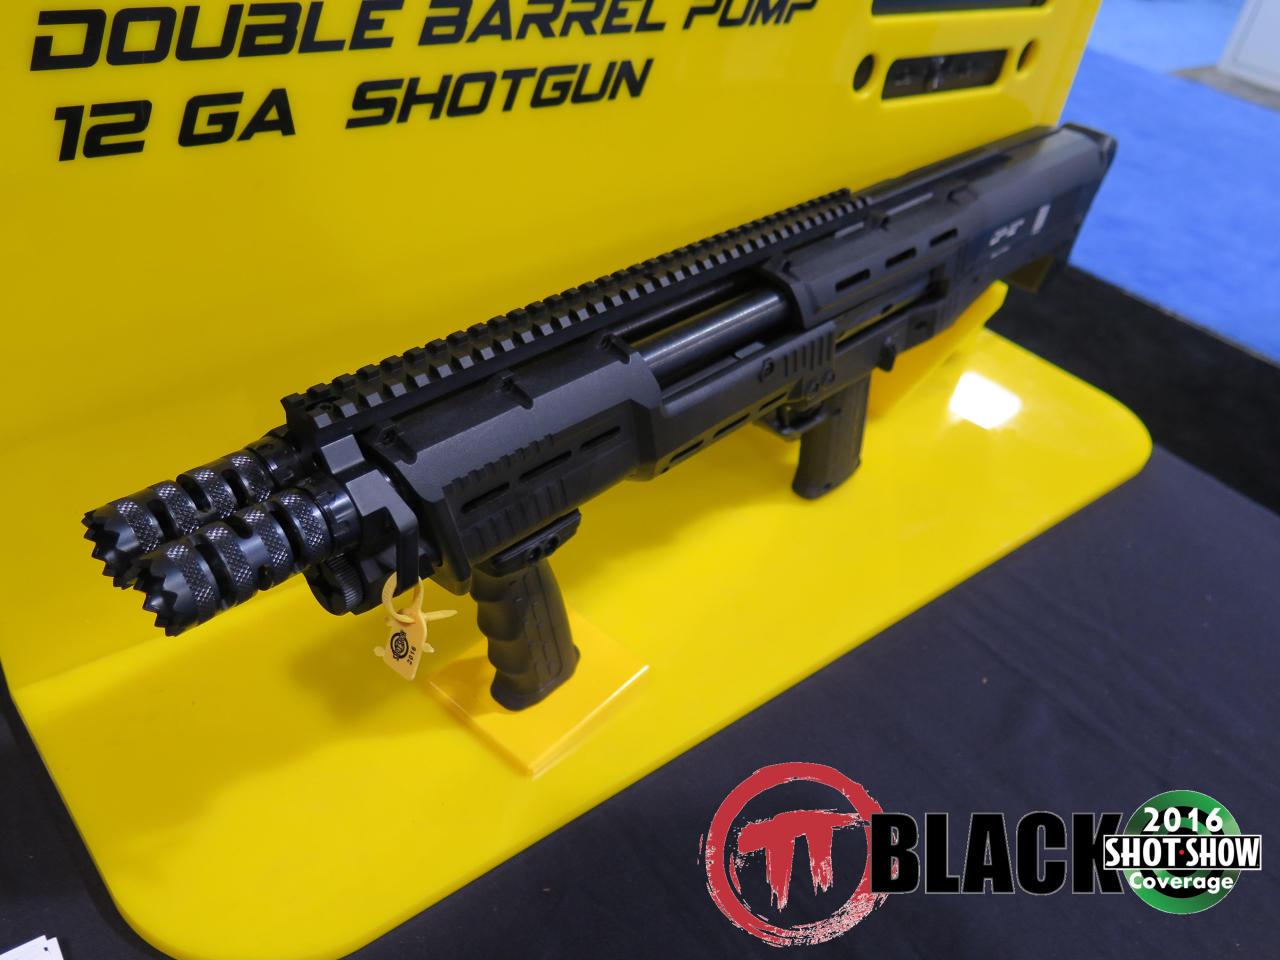 Standard Manufacturing's DP-12 Shotgun